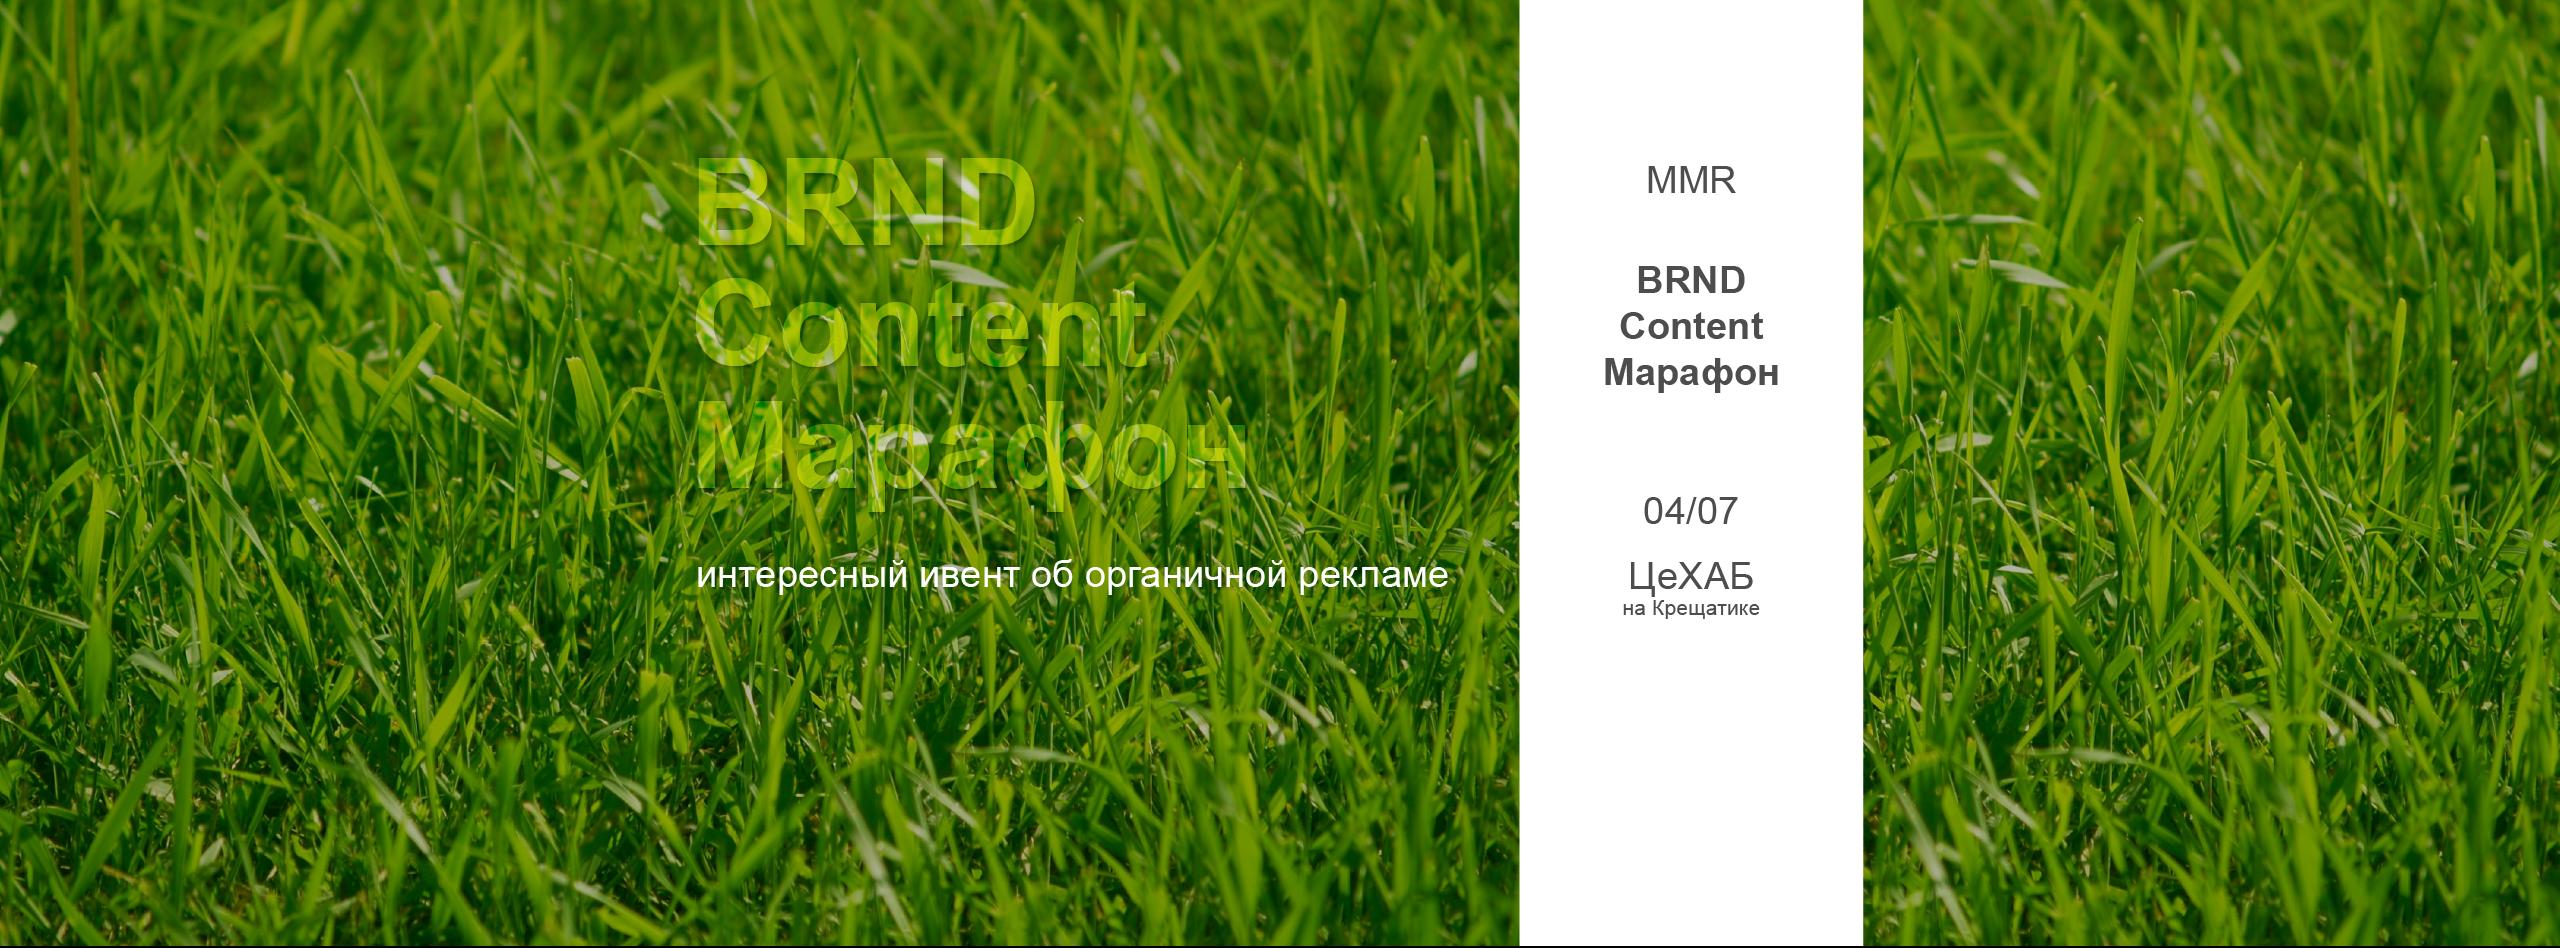 Мимикрия под нерекламу: бренд-контент как альтернатива рекламному шуму